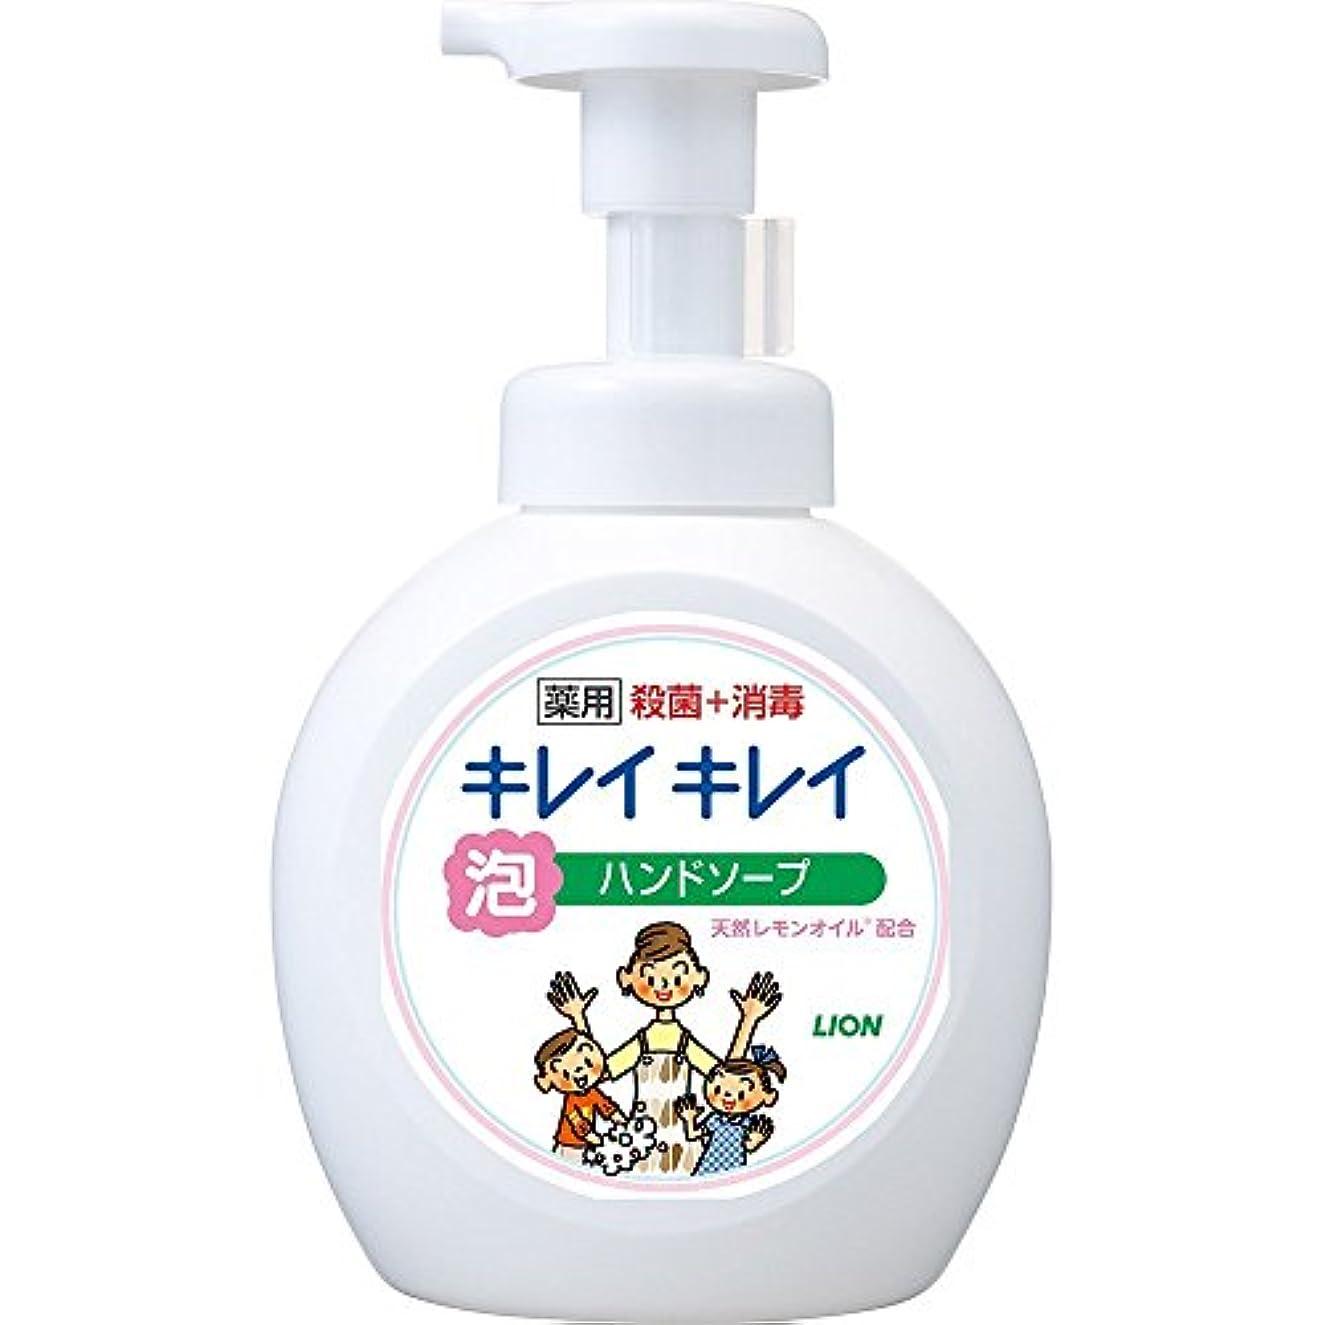 迷信アルファベットスティックキレイキレイ 薬用 泡ハンドソープ シトラスフルーティの香り 本体ポンプ 大型サイズ 500ml(医薬部外品)